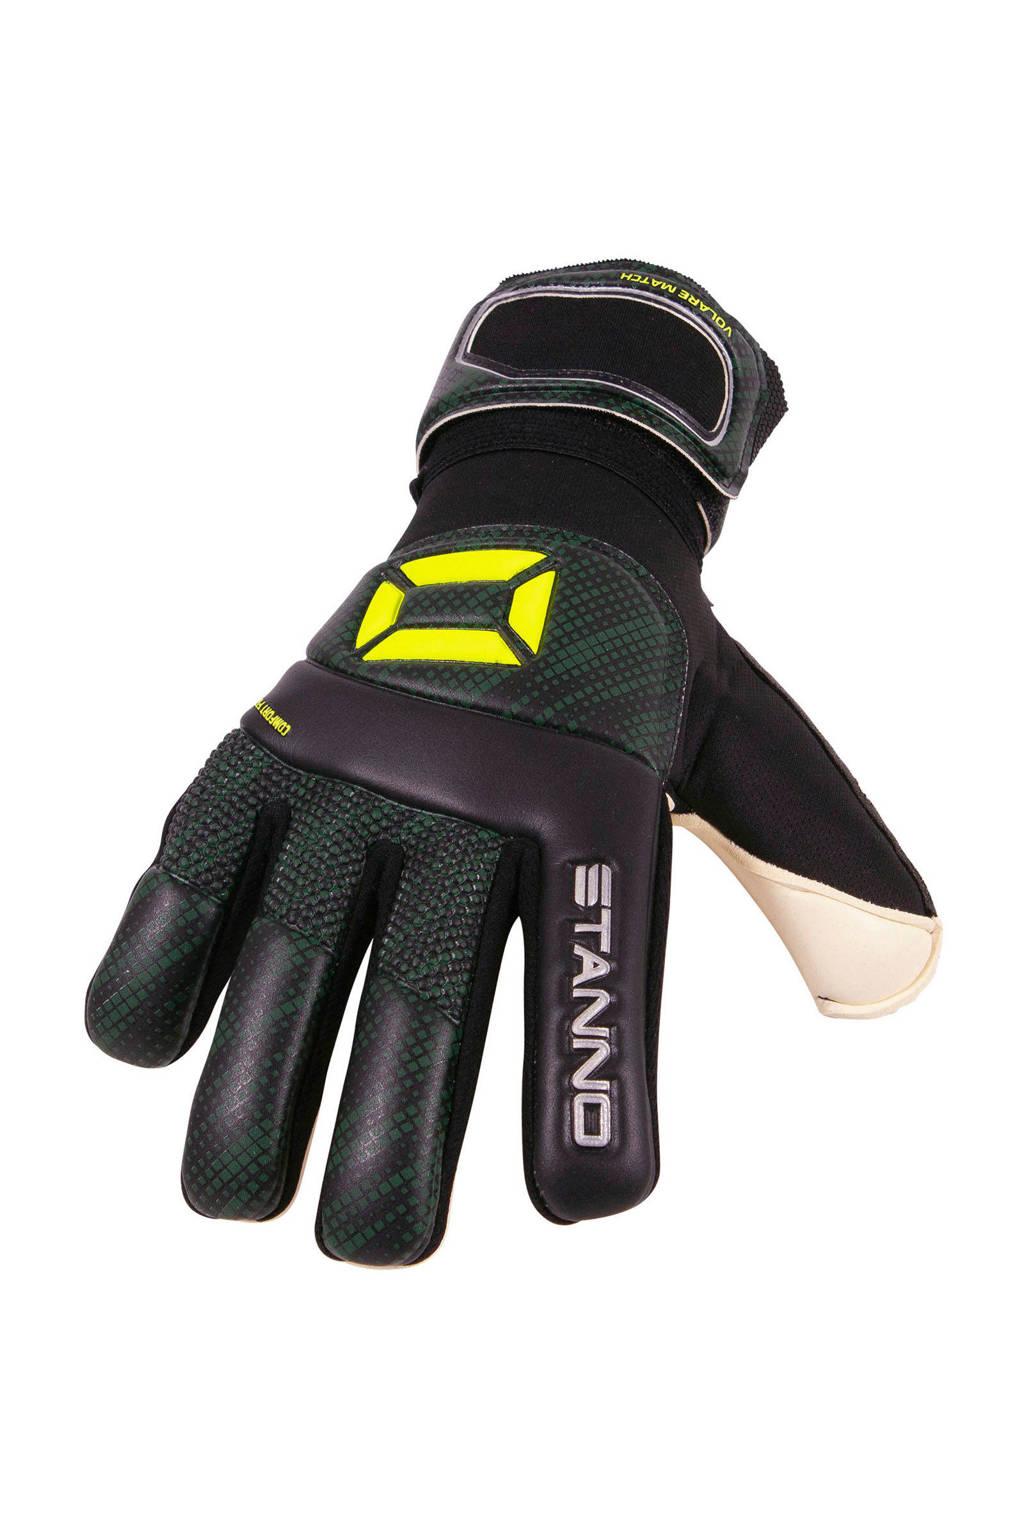 Stanno   keepershandschoenen Volare Match zwart/geel, Zwart/geel/wit